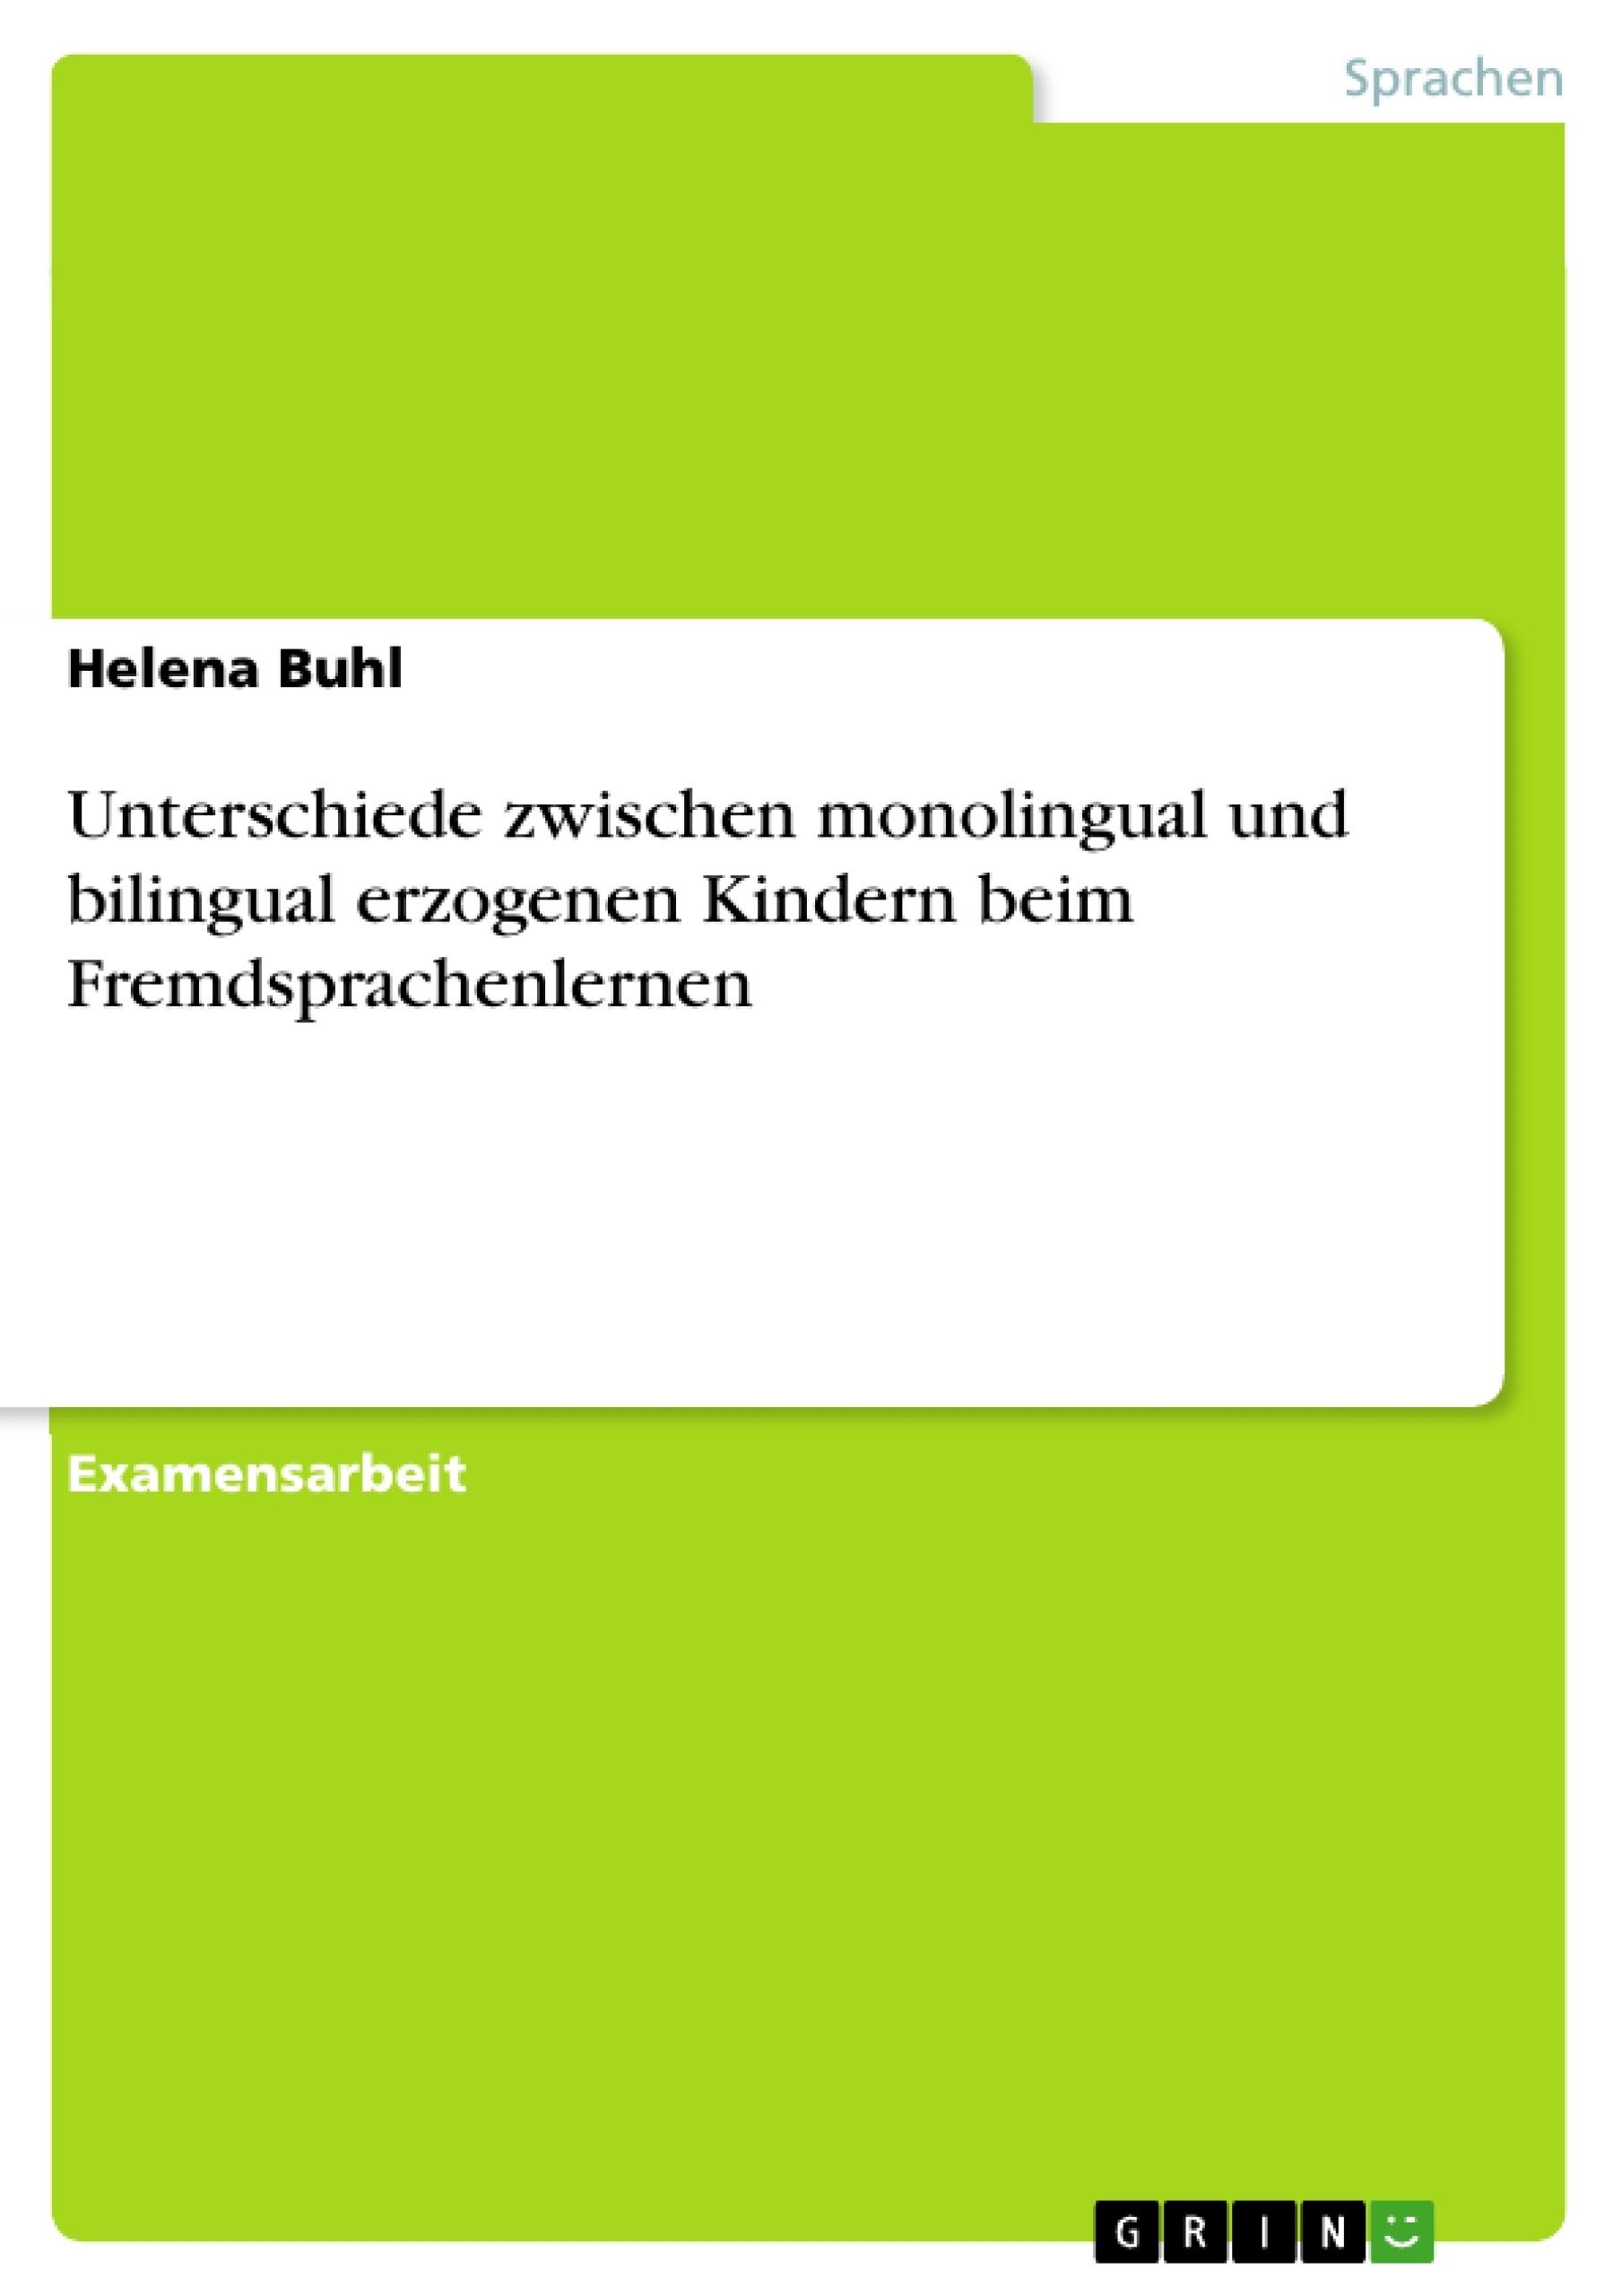 Titel: Unterschiede zwischen monolingual und bilingual erzogenen Kindern beim Fremdsprachenlernen